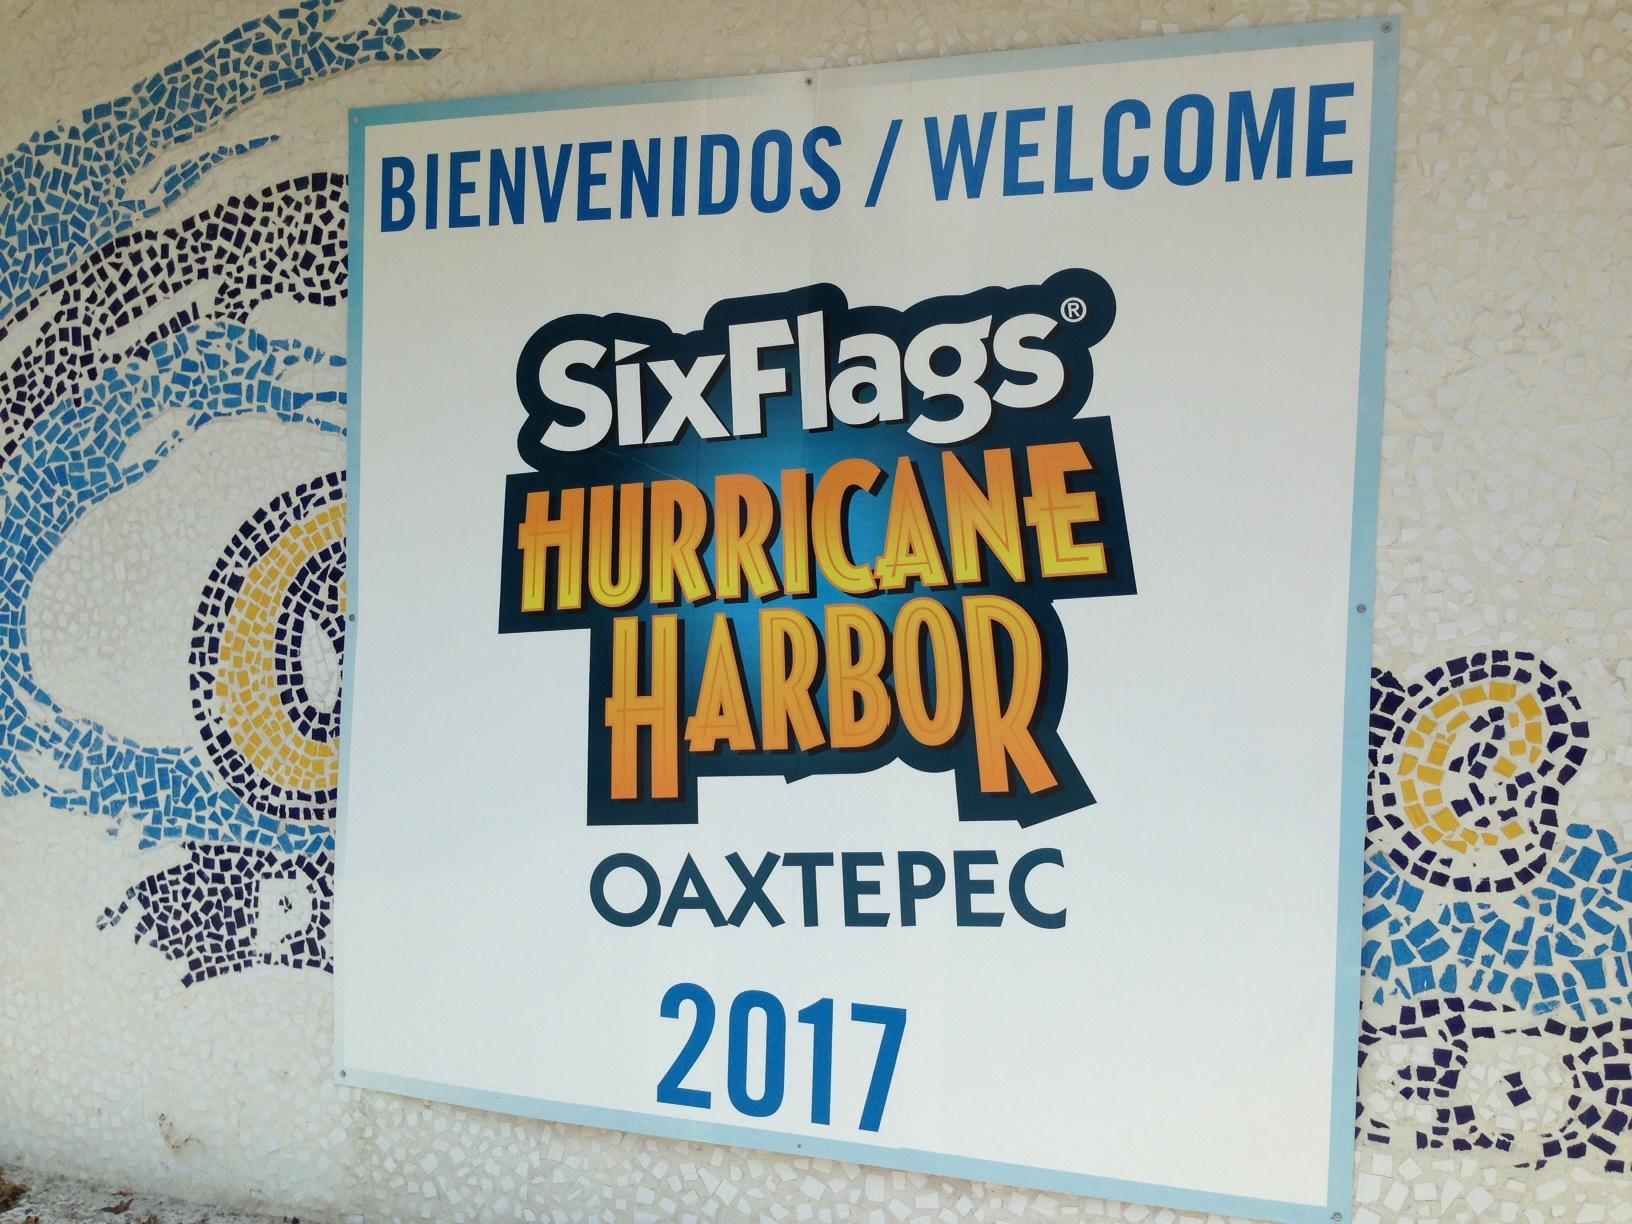 Six Flags Hurricane Oaxtepec